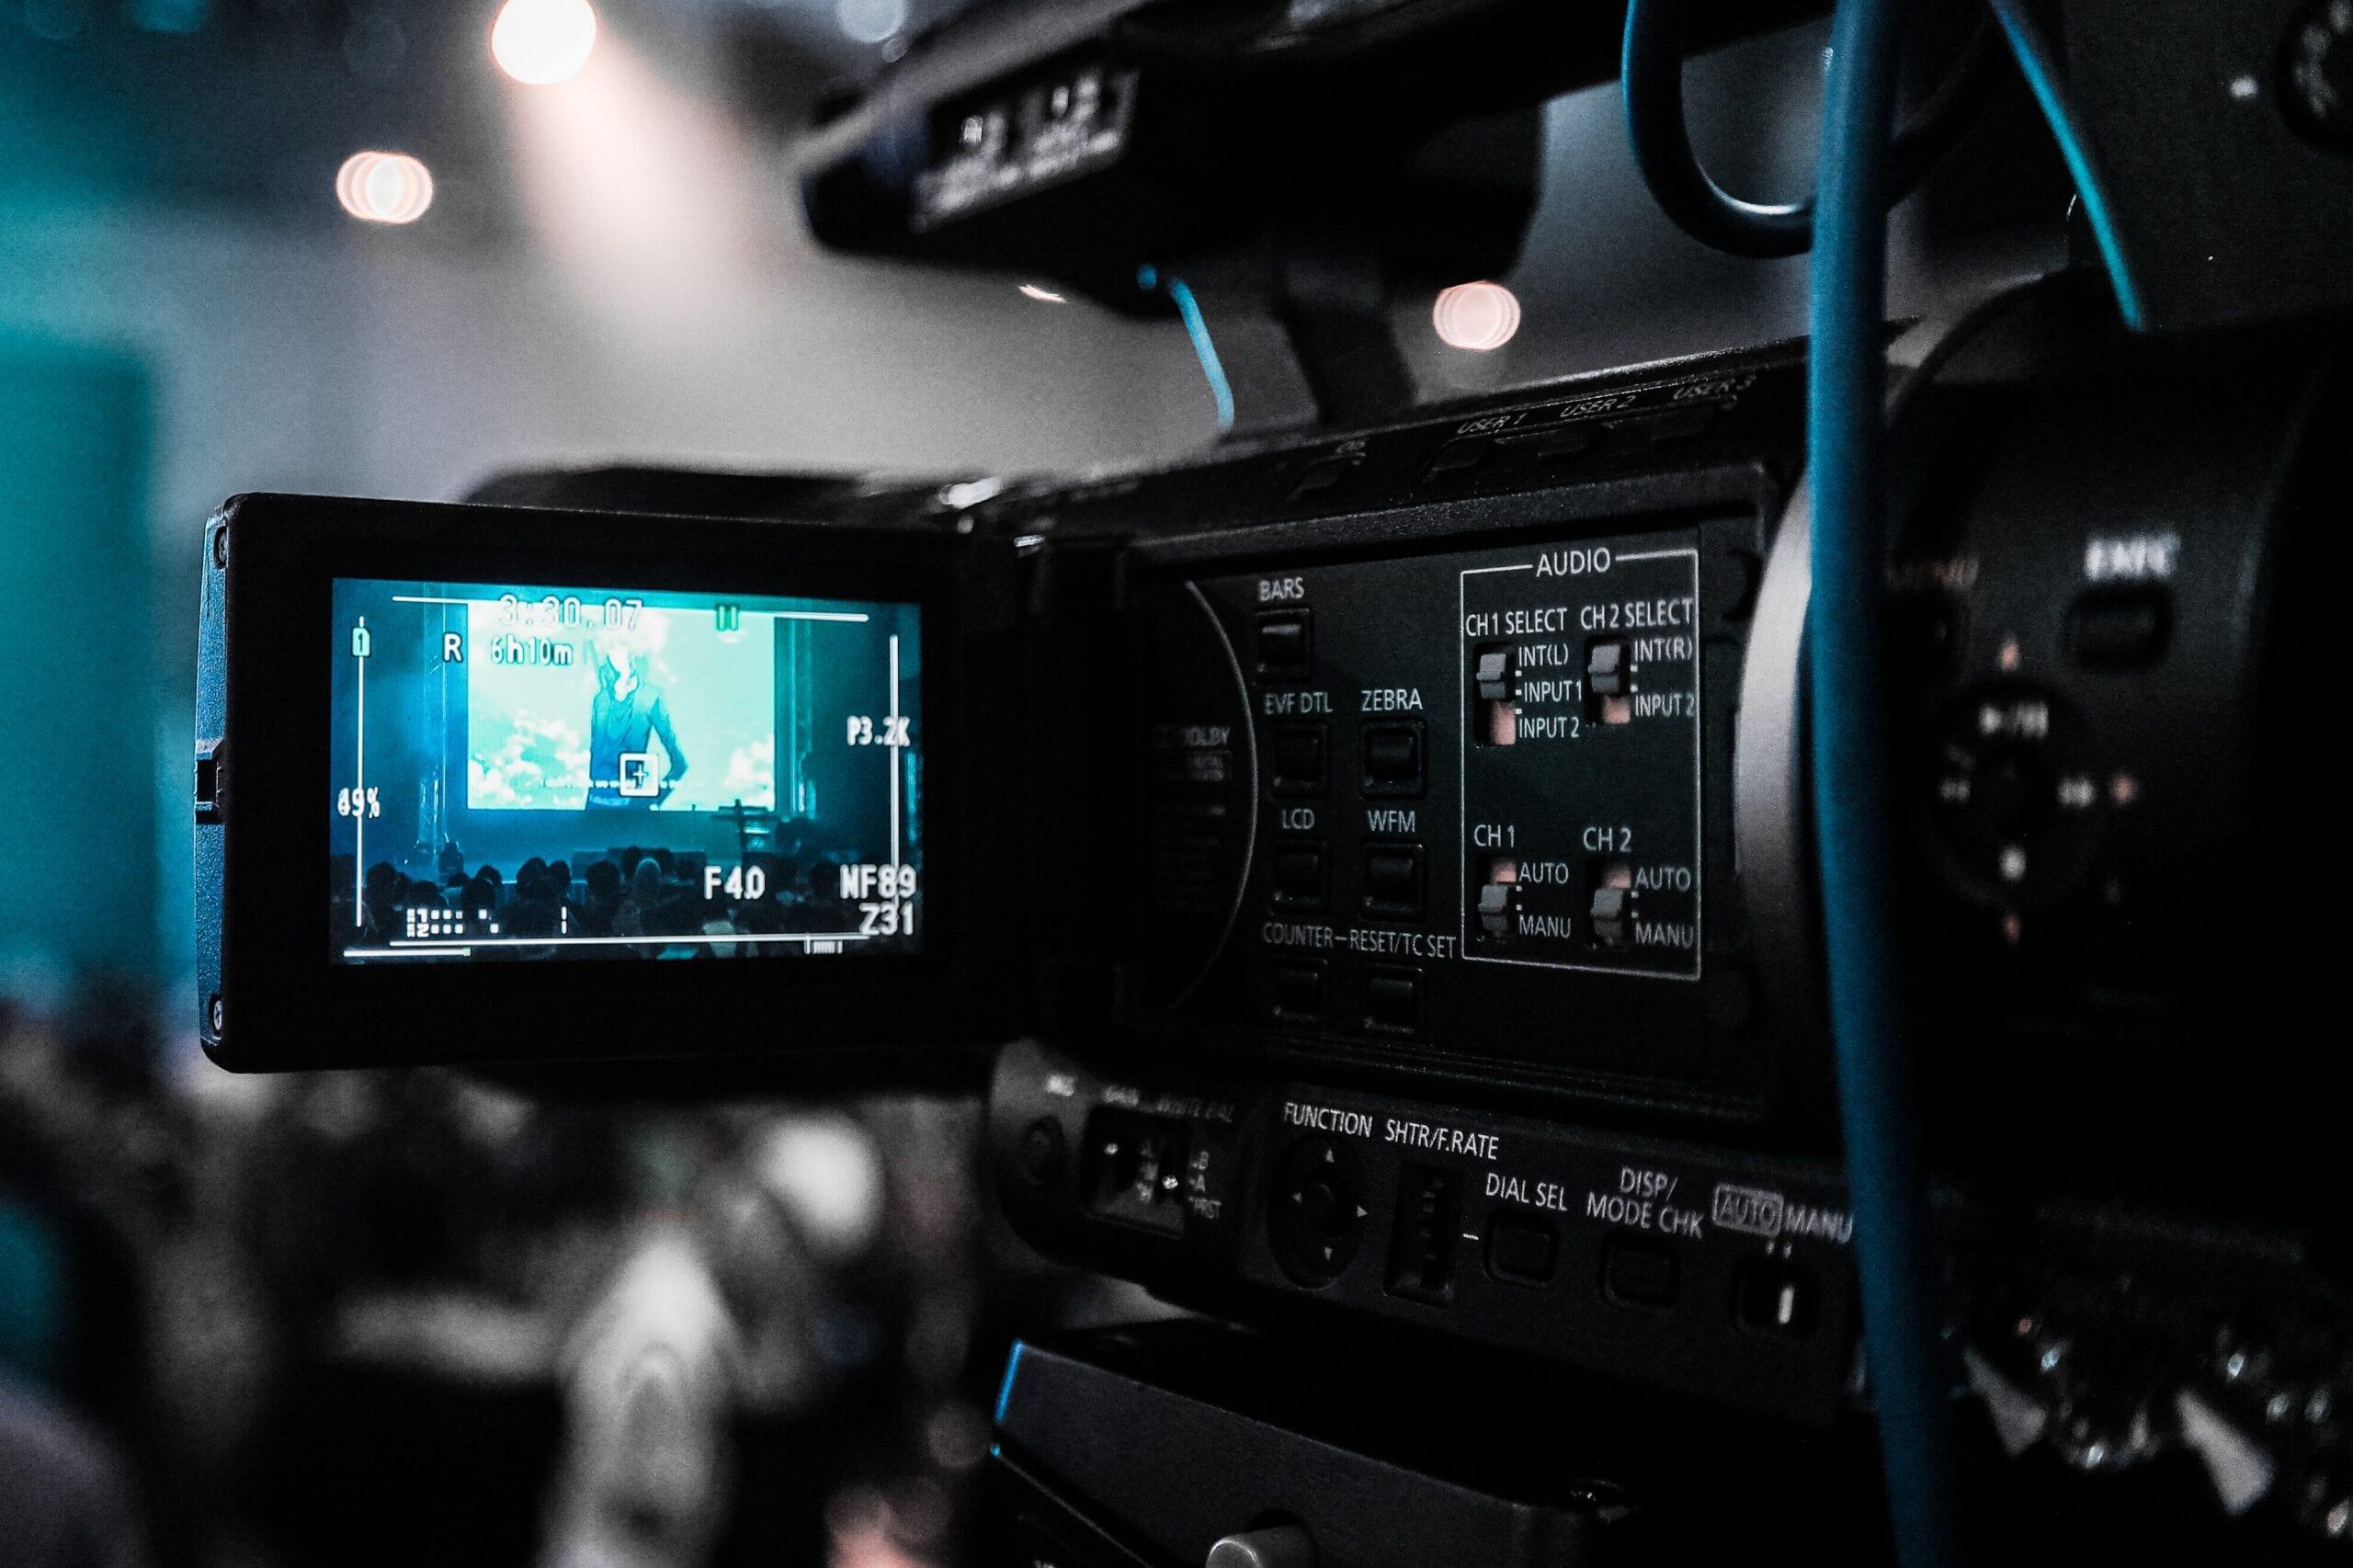 videoproduksjon-enklere-valg